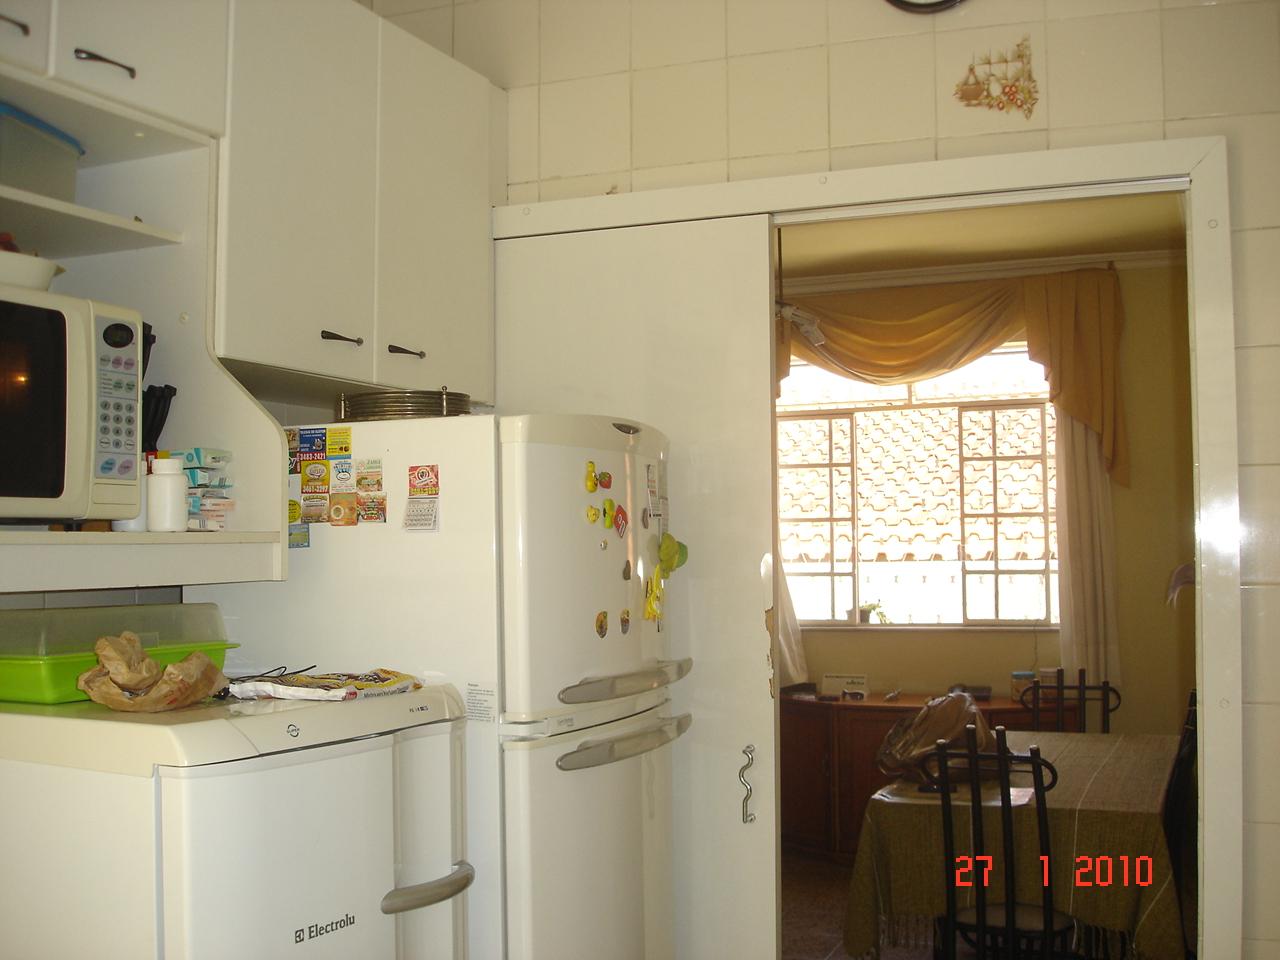 #B12E1A Blog da Juliana Faria : Antes e Depois outra cozinha 1280x960 px Projeto Armario Embutido Cozinha_4012 Imagens